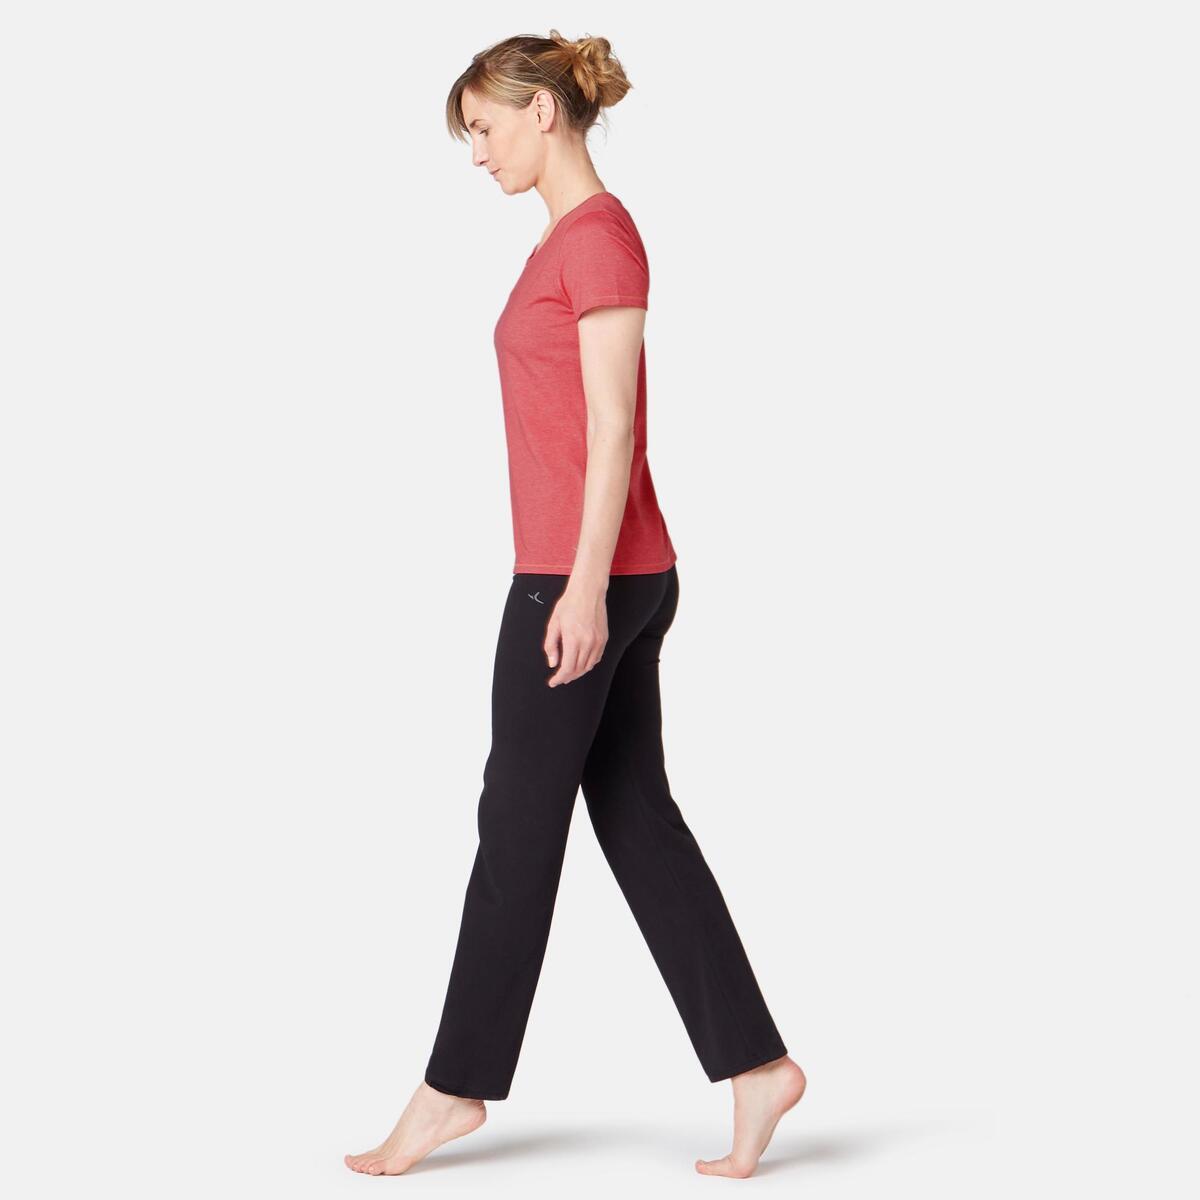 Bild 2 von T-Shirt 500 Regular Sport Pilates sanfte Gym Damen rosa